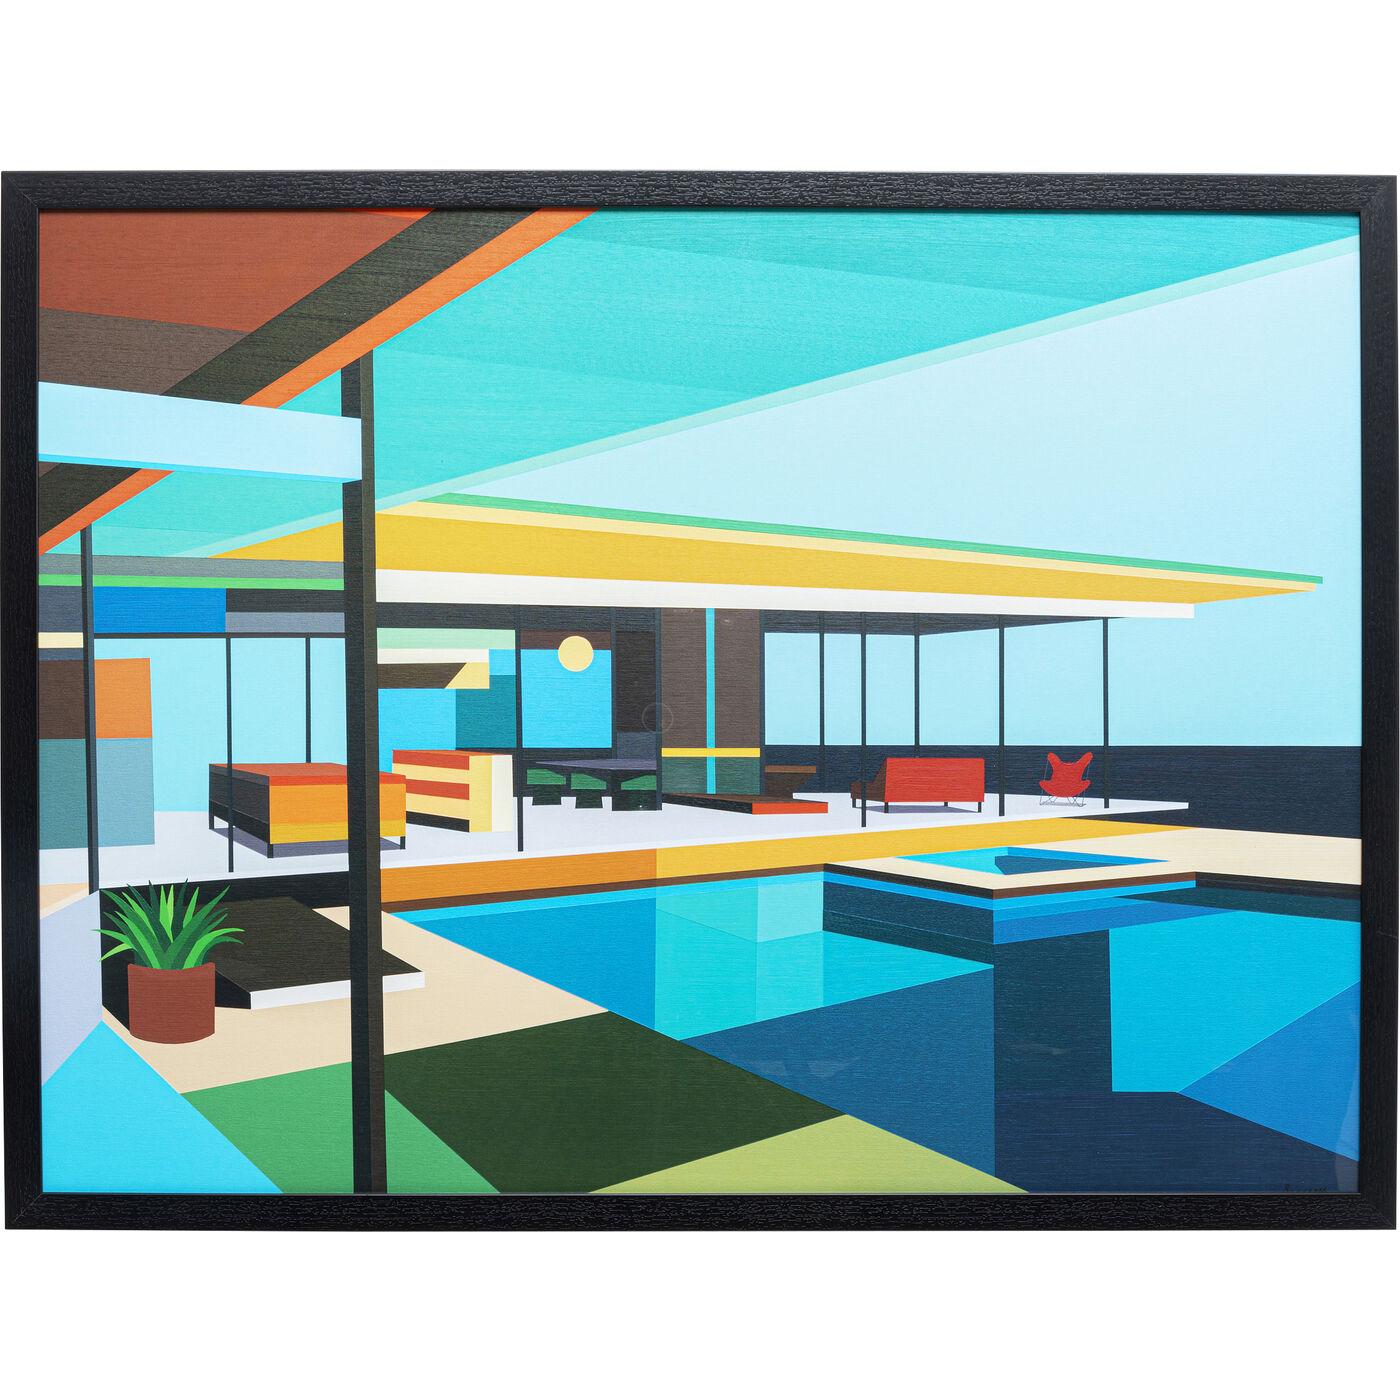 Gerahmtes Bild Modern Architecture 80x100